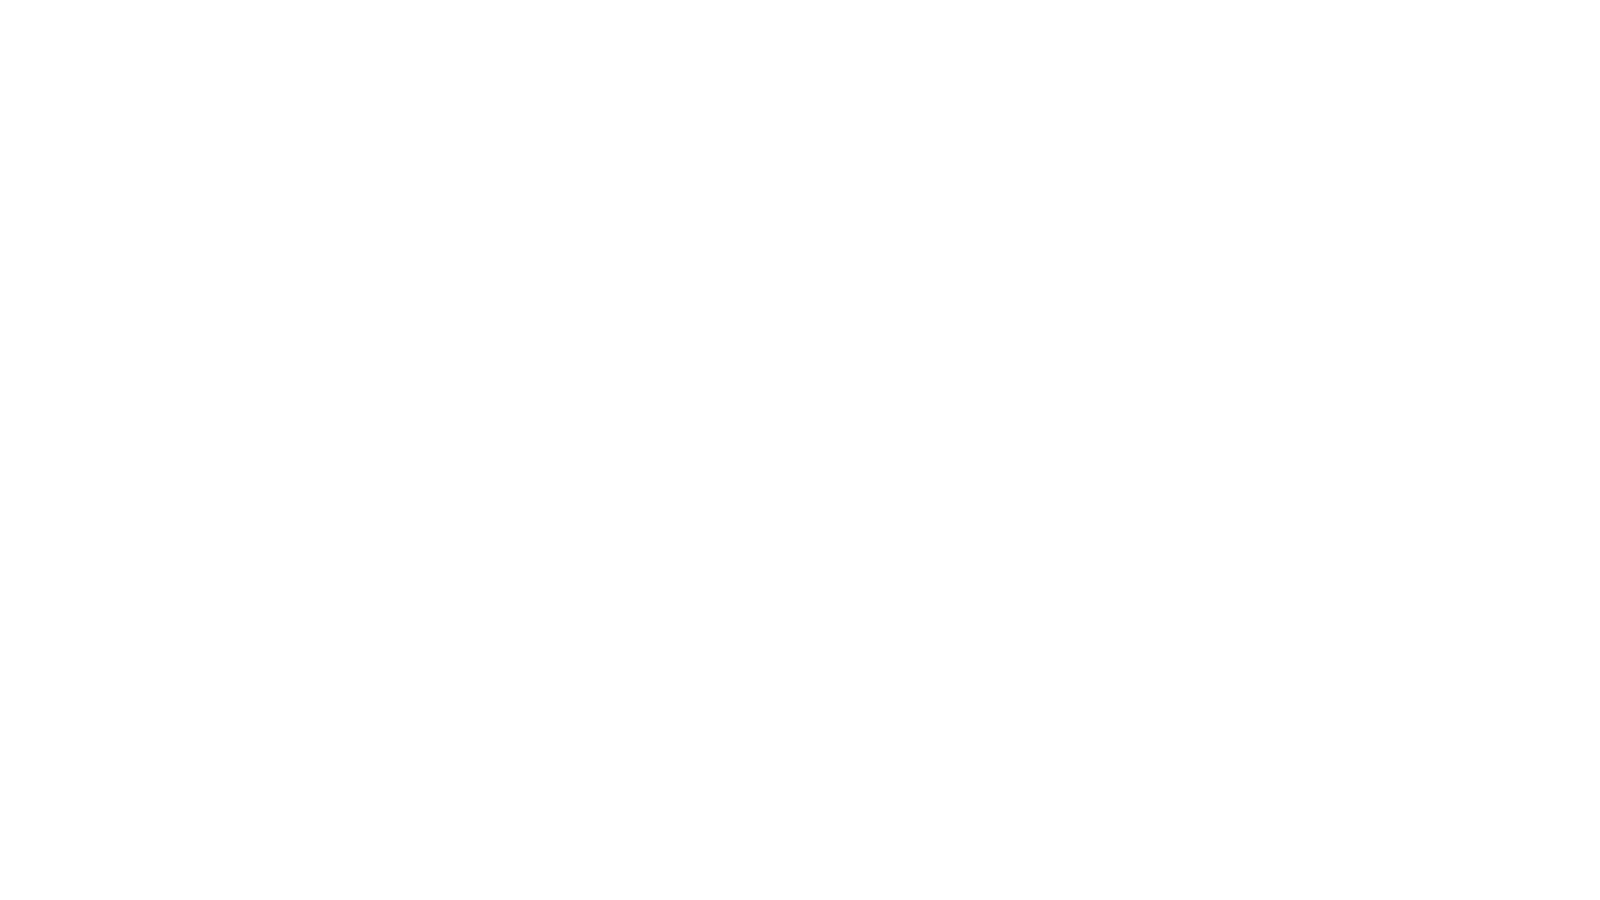 CONET&Intersindical Online  A NTC&logística realizou a primeira edição do Conselho Nacional de Estudos em Transporte, Custos, Tarifas e Mercado (CONET) em 2021, na qual dados do setor foram disponibilizados com base no segundo semestre de 2020.  Devido às restrições causadas pela pandemia do coronavírus, o evento de quase 50 anos foi realizado no auditório do Palácio do Transporte, em São Paulo, de forma semipresencial pela primeira vez em sua história. Desde sua criação, o CONET já passou por diversas cidades brasileiras, como Bento Gonçalves, Curitiba, Florianópolis, Fortaleza, João Pessoa, São Luís, Vitória, Natal, São Paulo, Salvador, Rio de Janeiro e Rio Quente. O objetivo sempre foi percorrer o Brasil debatendo e apresentando temas do setor para representantes de entidades e empresários.  O evento foi organizado e realizado pela NTC&Logística, com o patrocínio da Apisul, Fenatran, Grupo Vamos e Volkswagen Caminhões e Ônibus e recebe o apoio institucional da CNT / SEST SENAT / ITL.